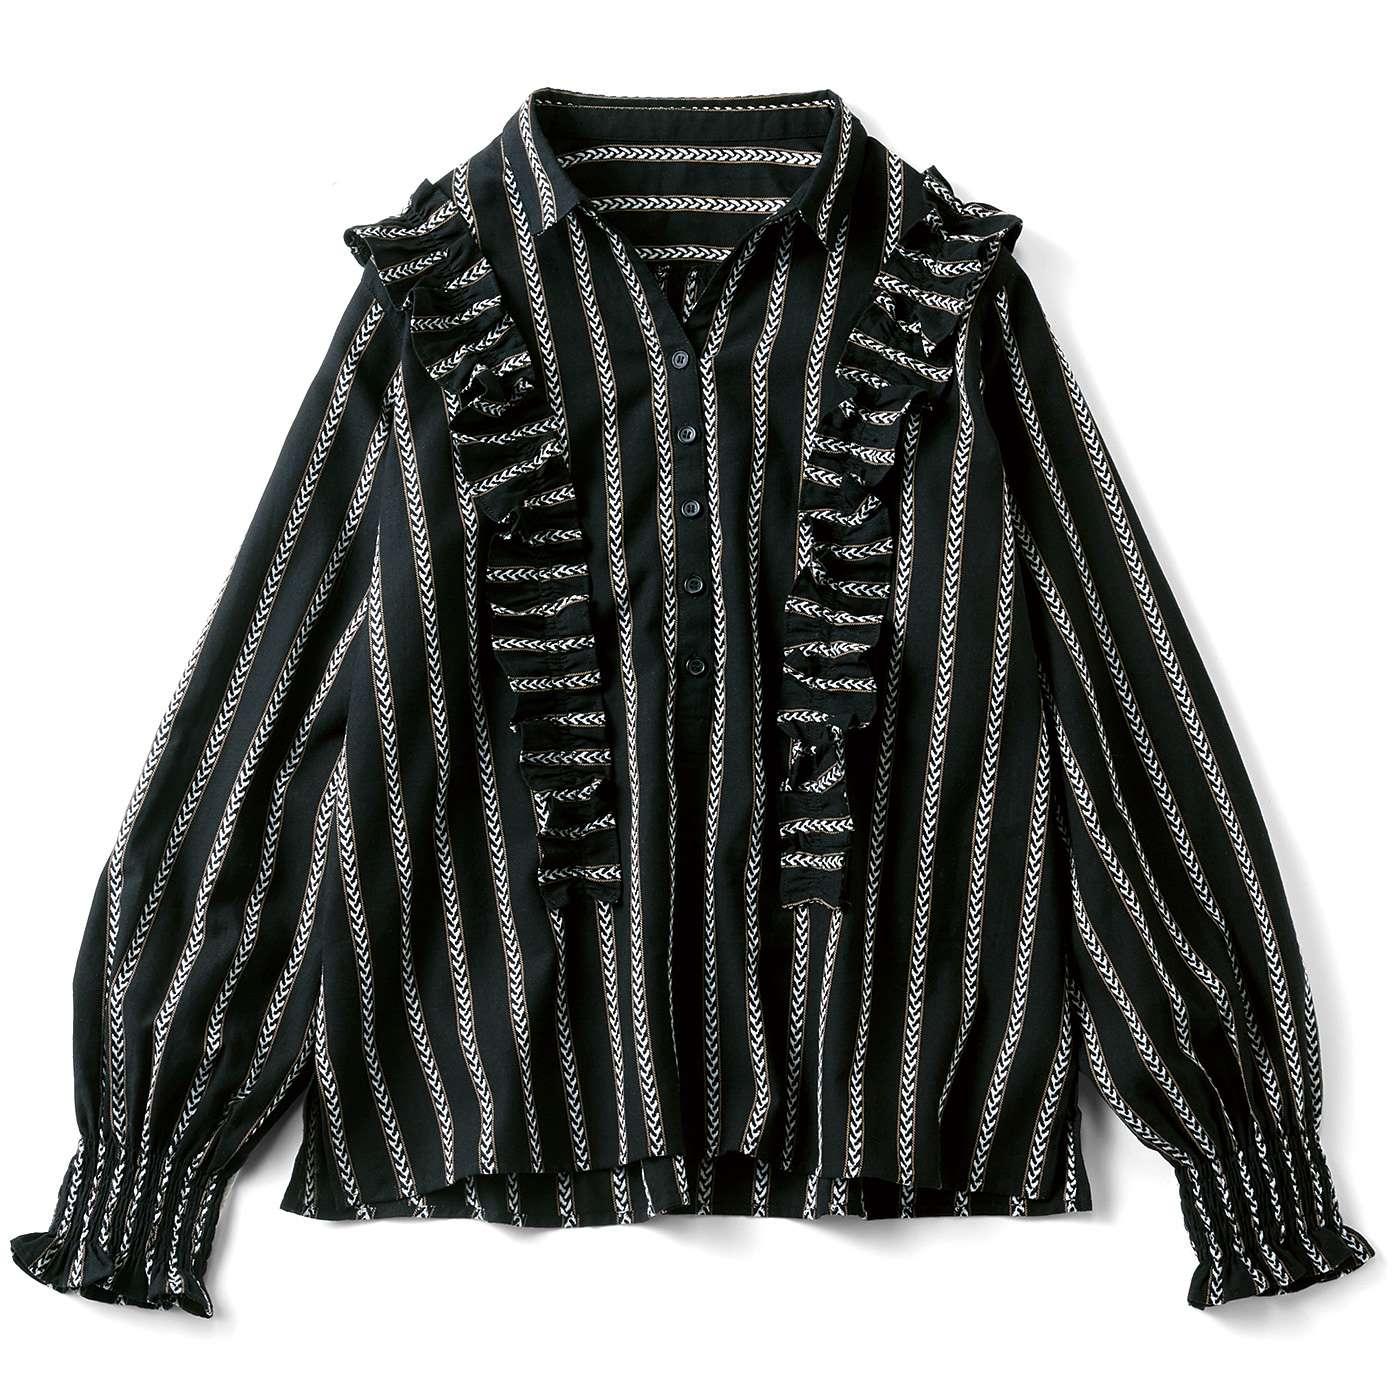 フェリシモ リブ イン コンフォート 先染め織り柄の華やかプルオーバーブラウス〈ブラックストライプ〉